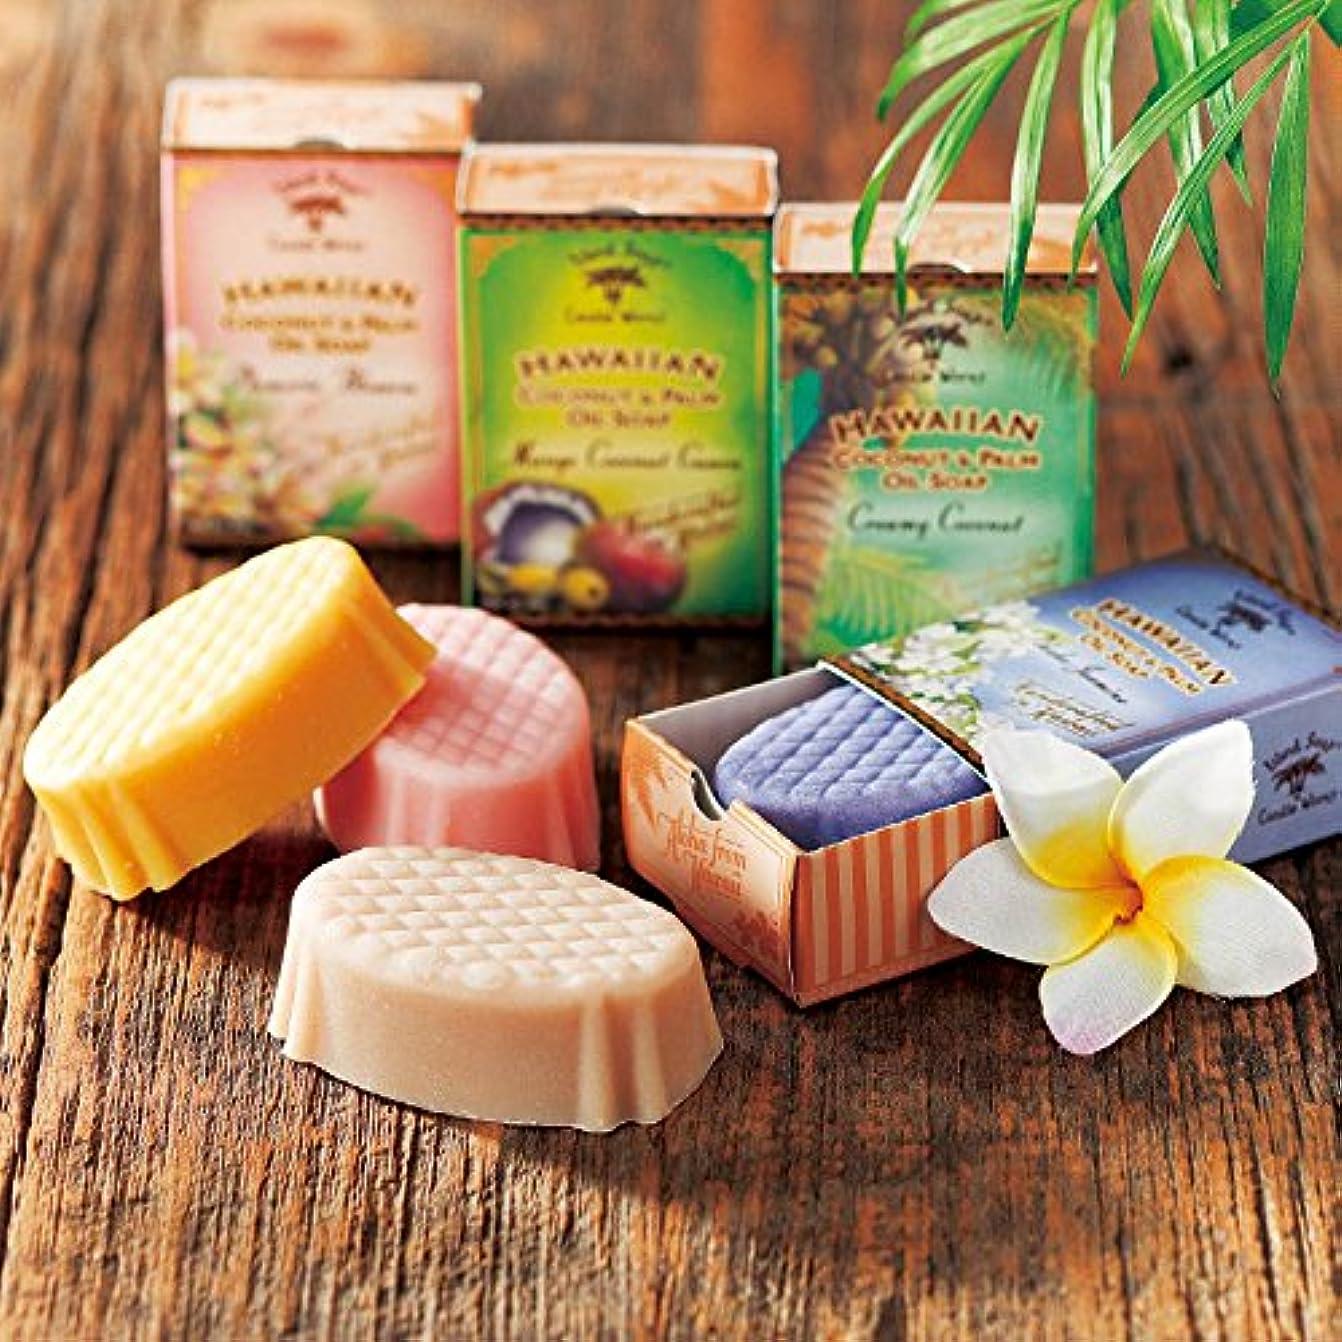 桁スペイン語桃ハワイ 土産 アイランドソープ ココナッツソープ 4種セット (海外旅行 ハワイ お土産)